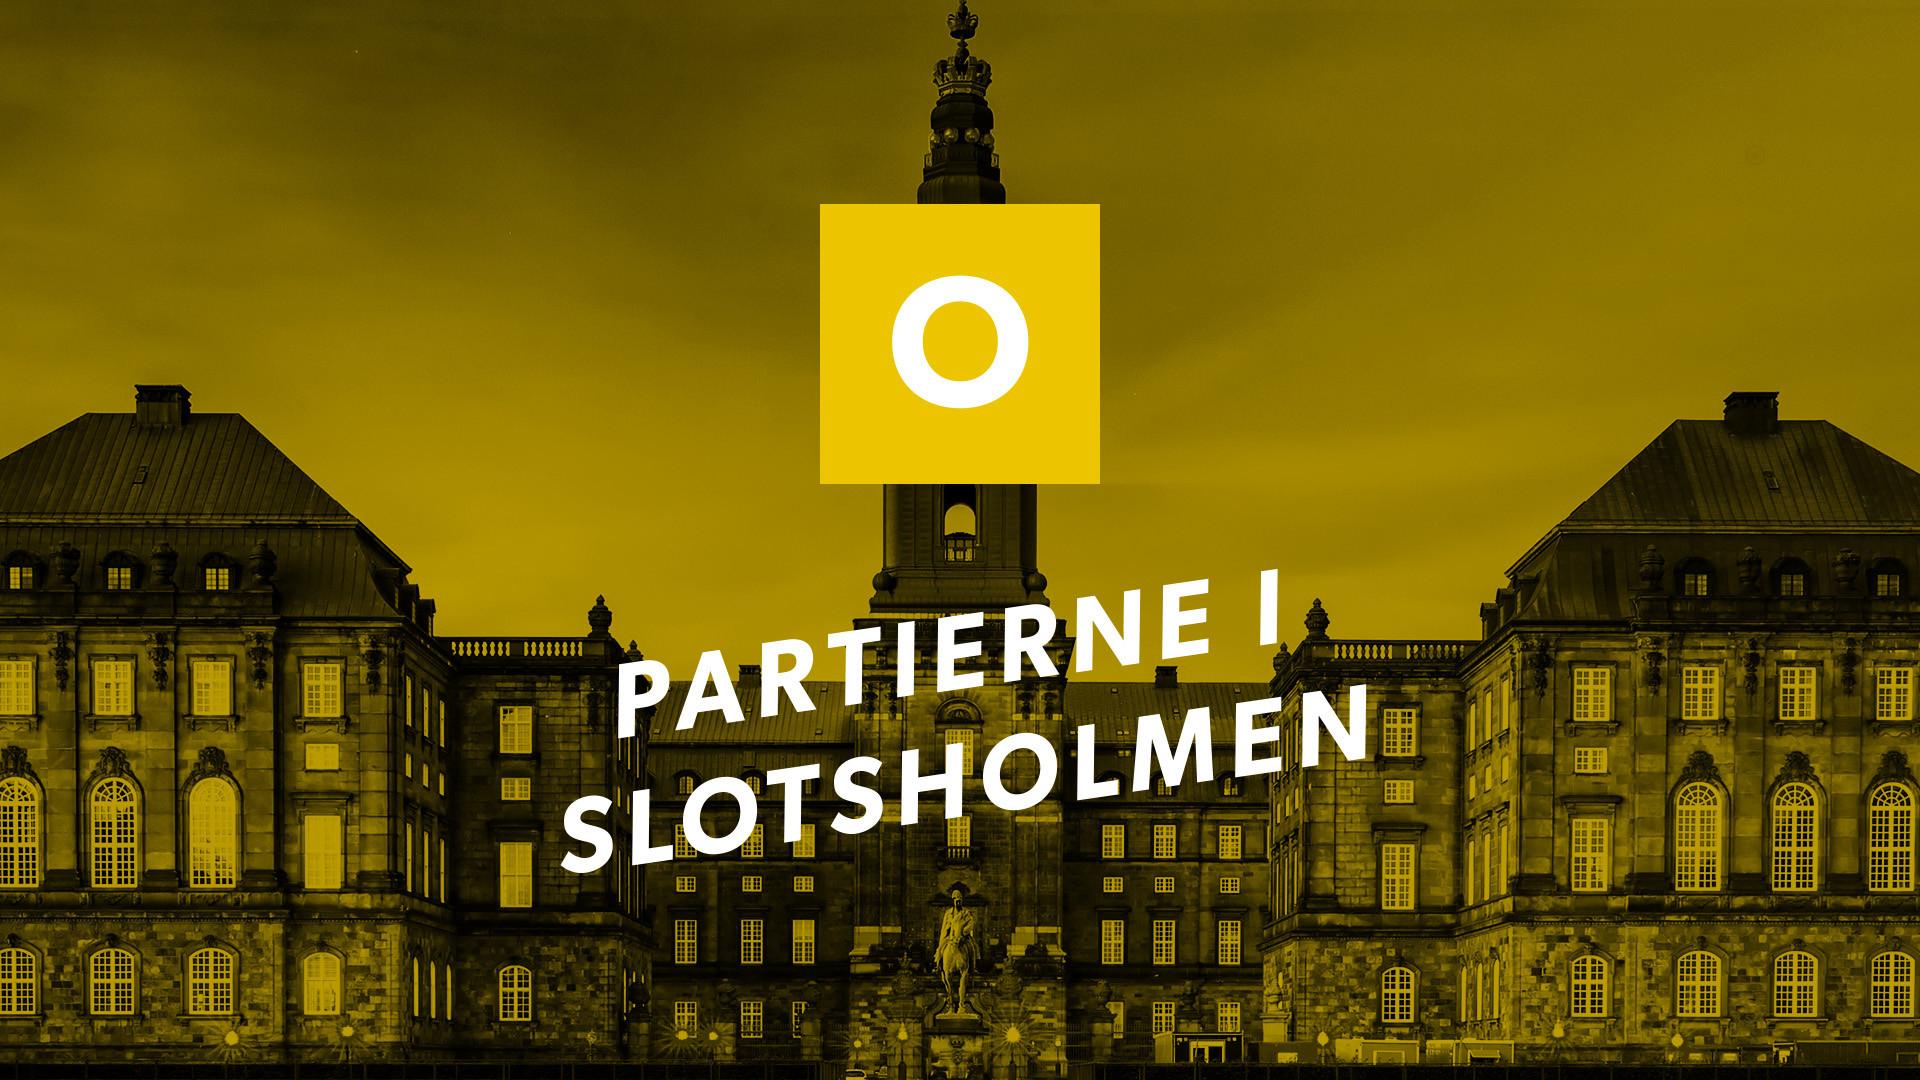 slotsholmen-df.jpg